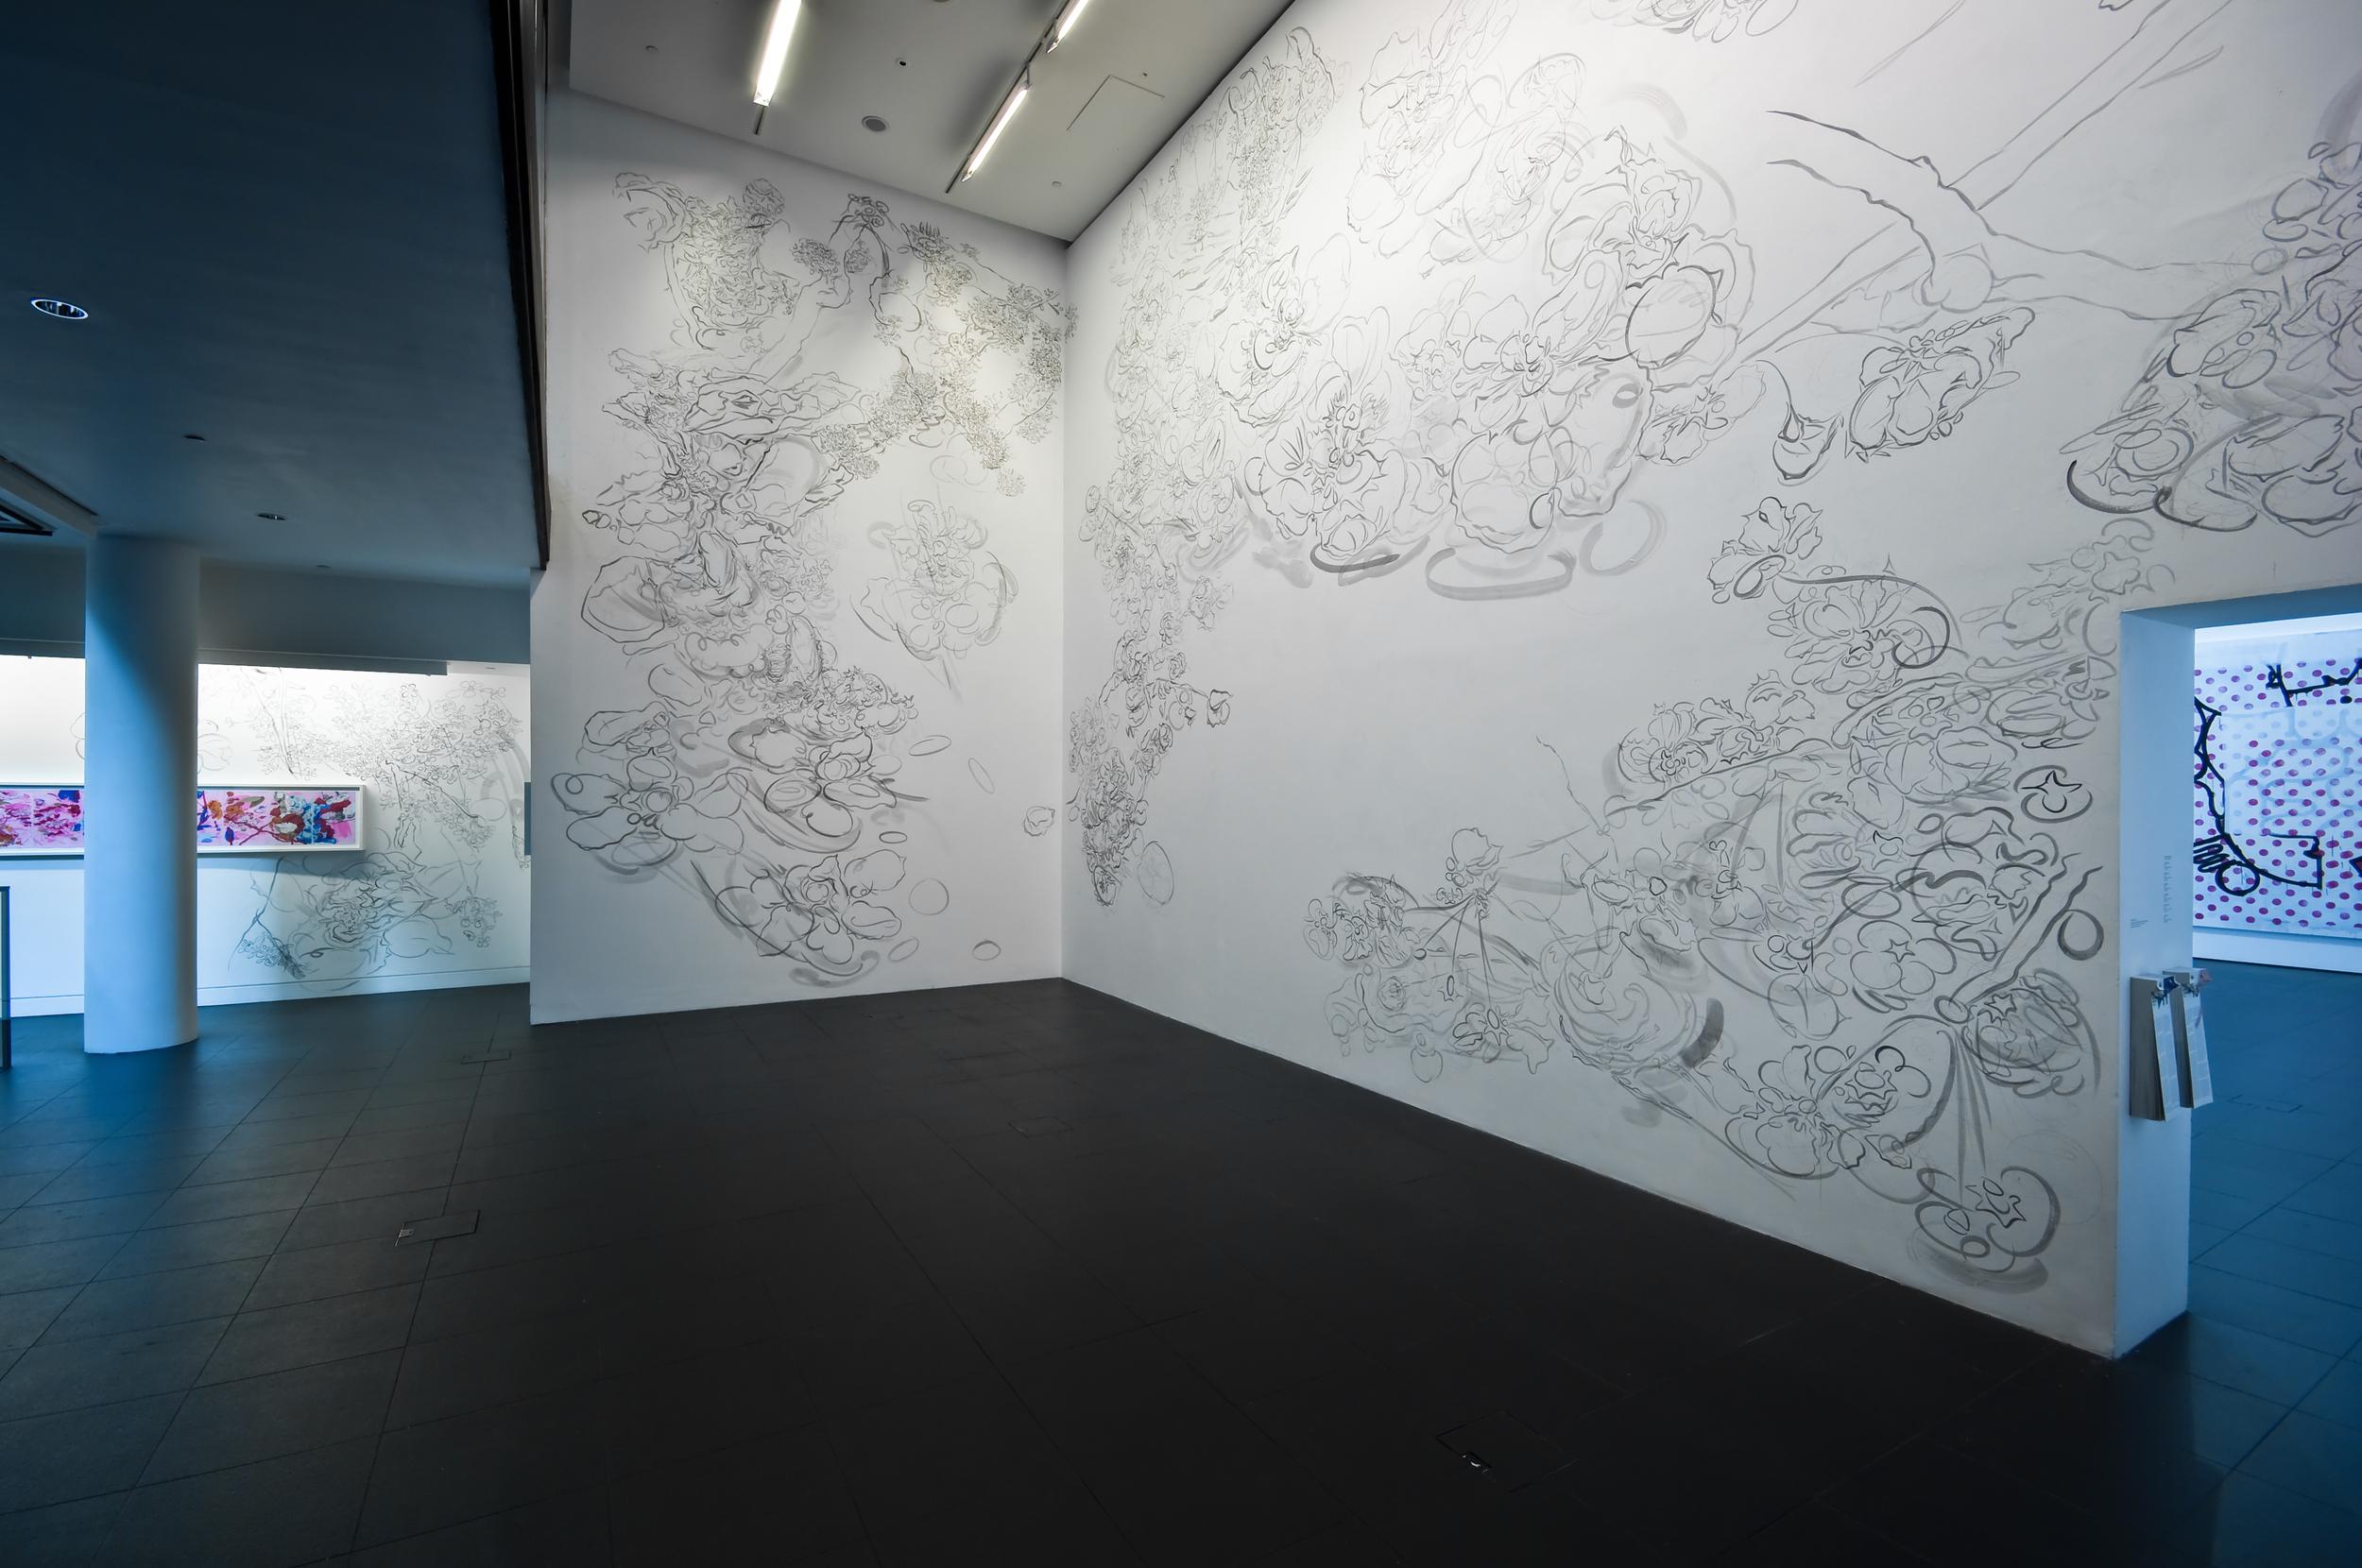 Expulsion from Paradise, 2009, 23' x 43', acrylic on wall.